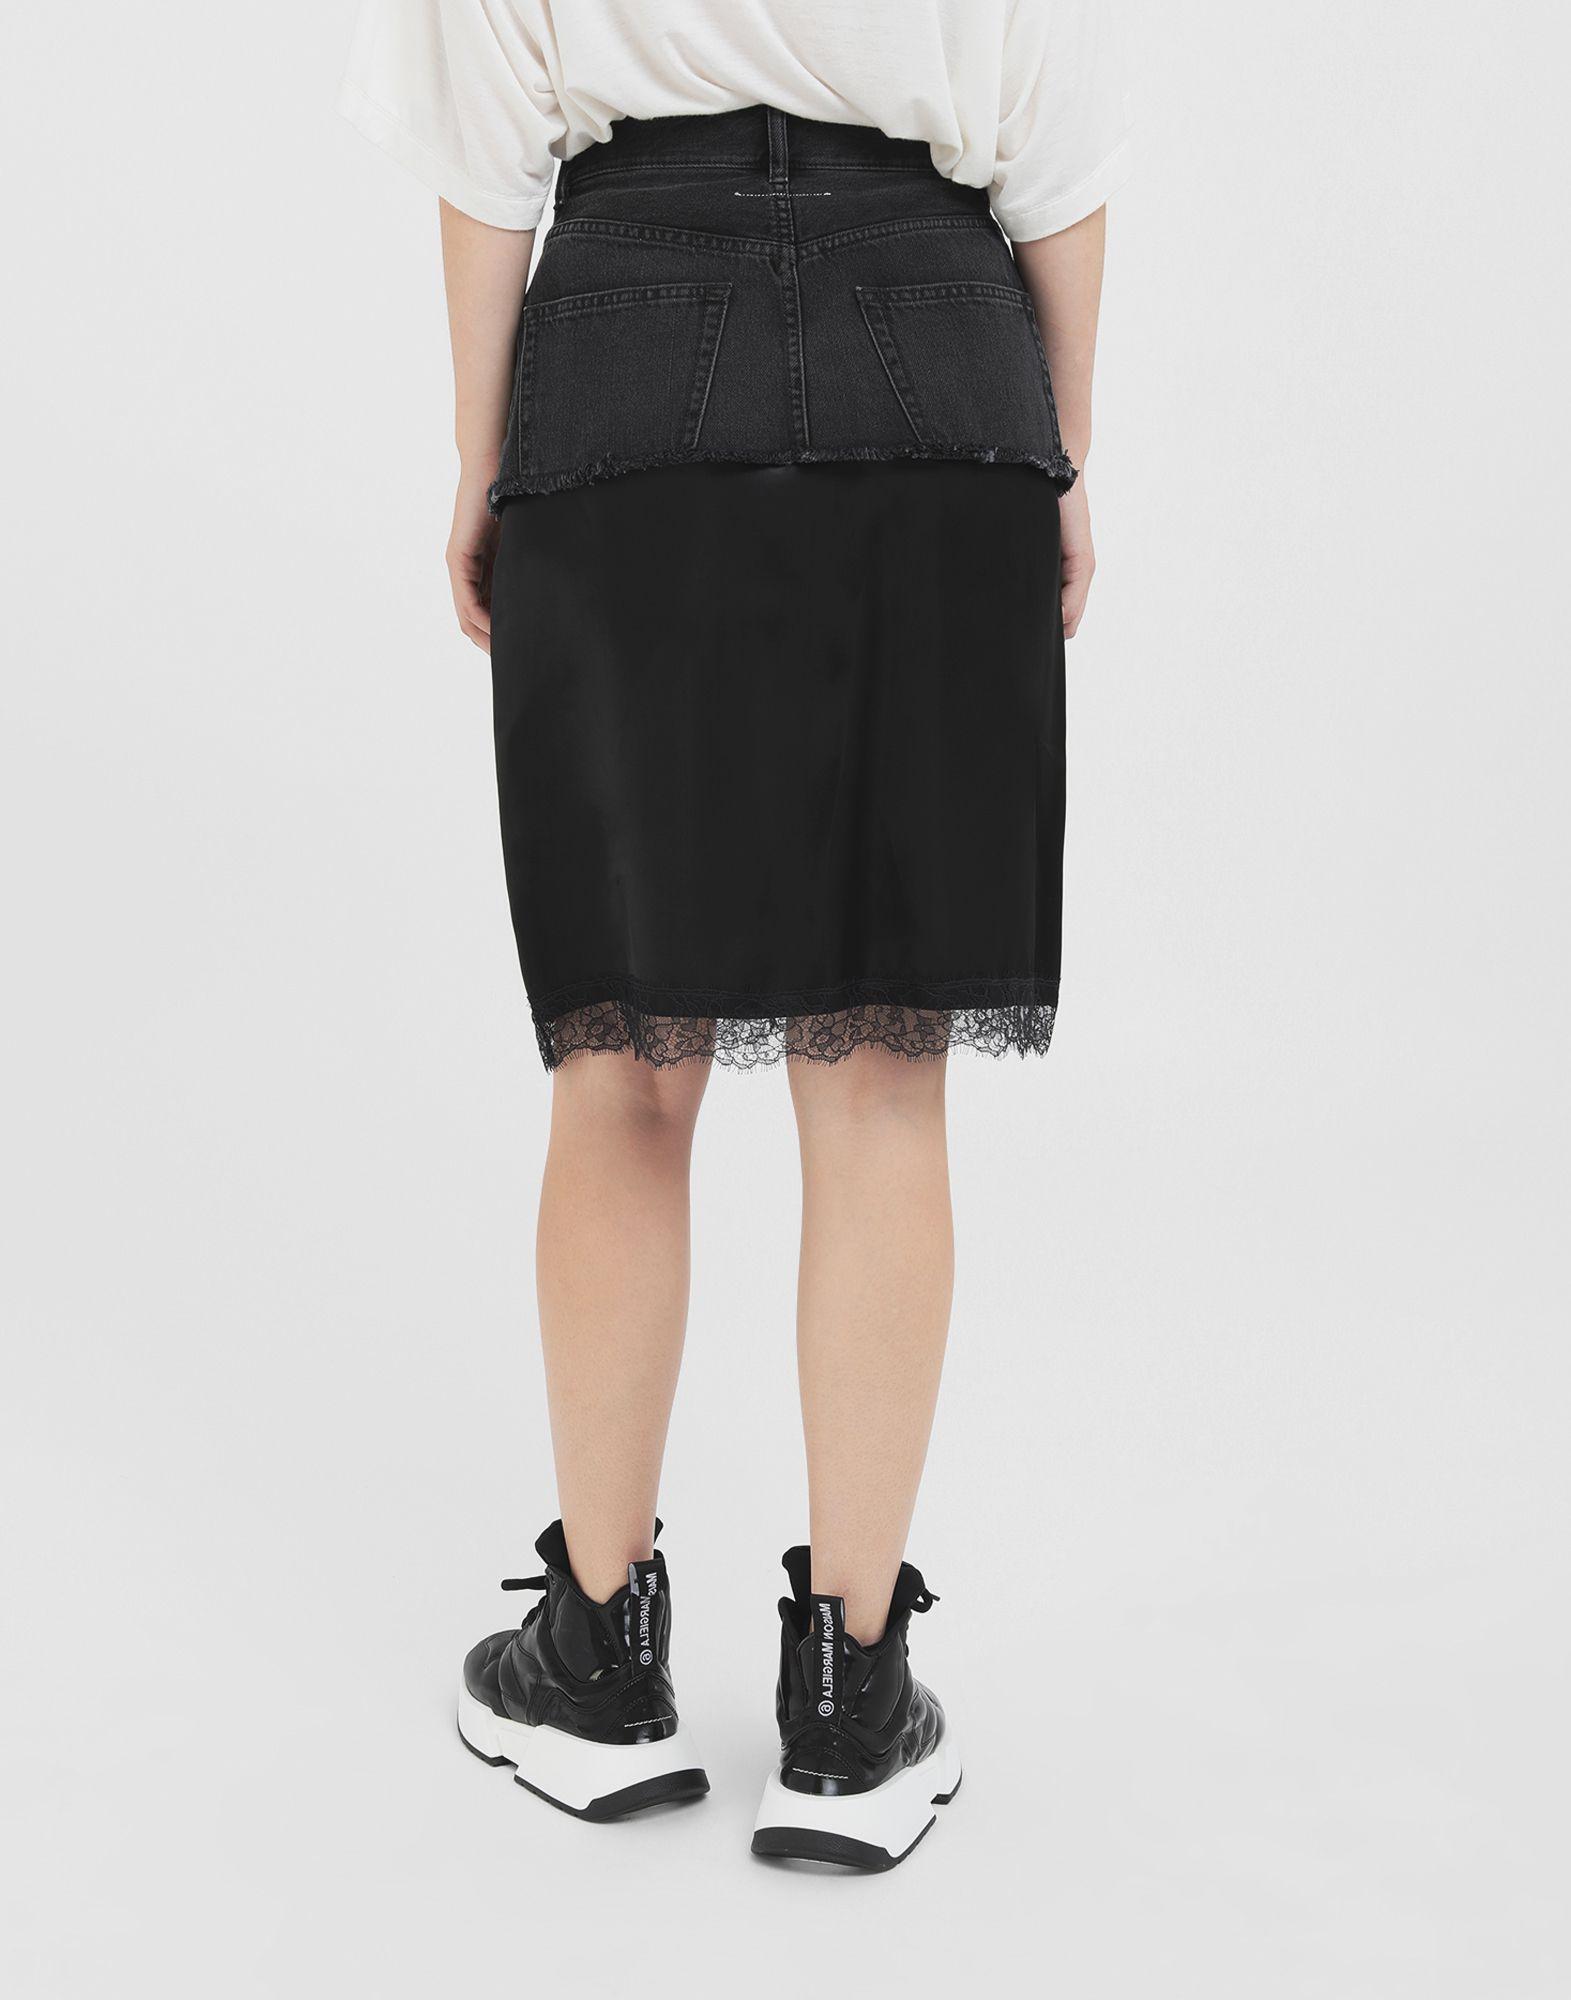 MM6 MAISON MARGIELA Spliced skirt Skirt Woman e